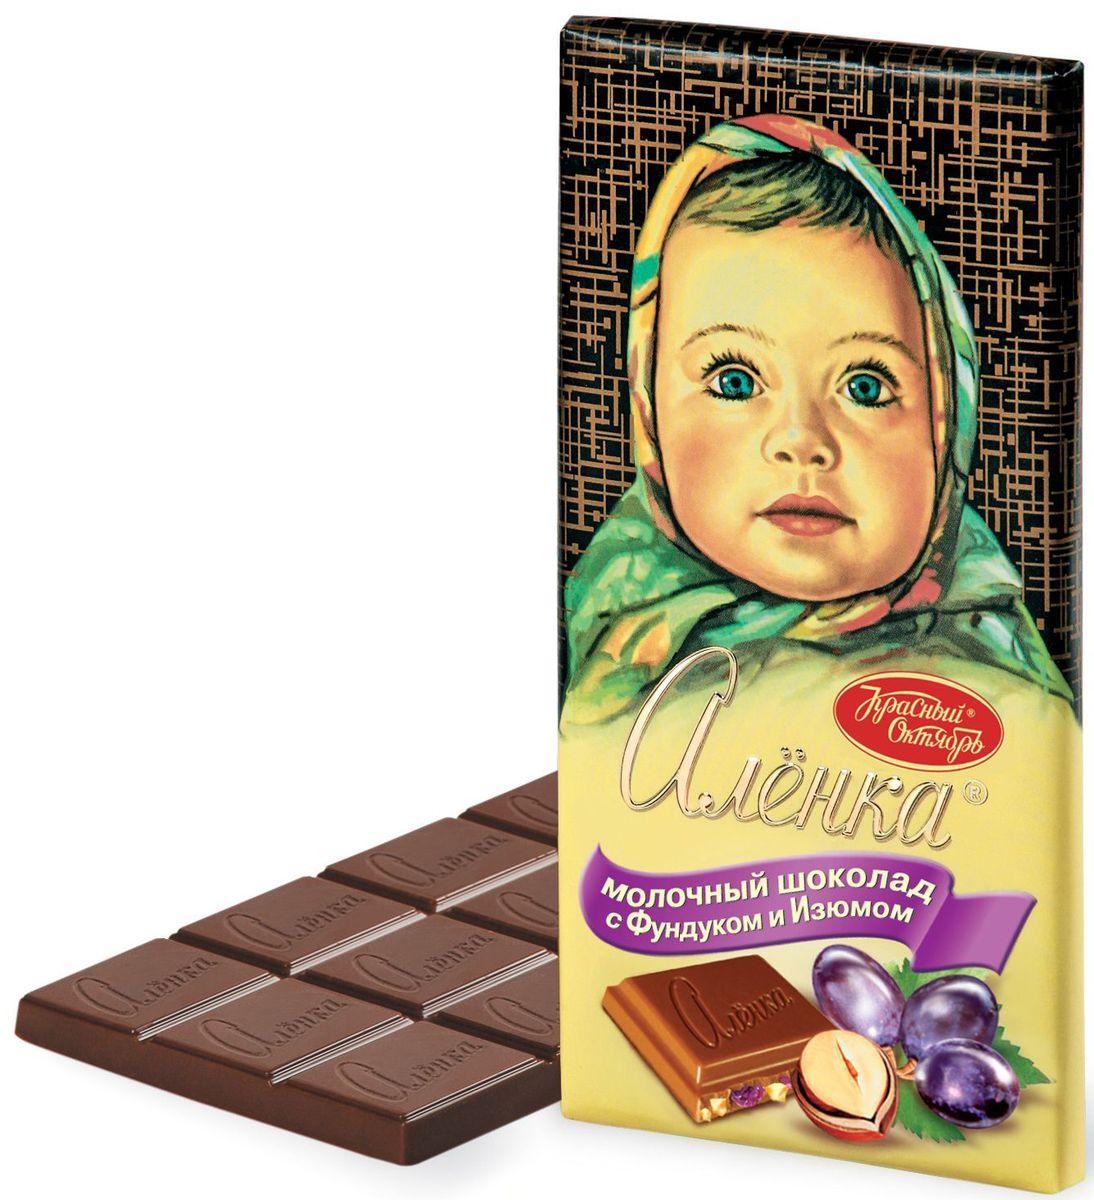 Красный Октябрь Аленка с фундуком и изюмом молочный шоколад, 100 г волшебница золотой орех шоколад молочный с фундуком и изюмом 190 г